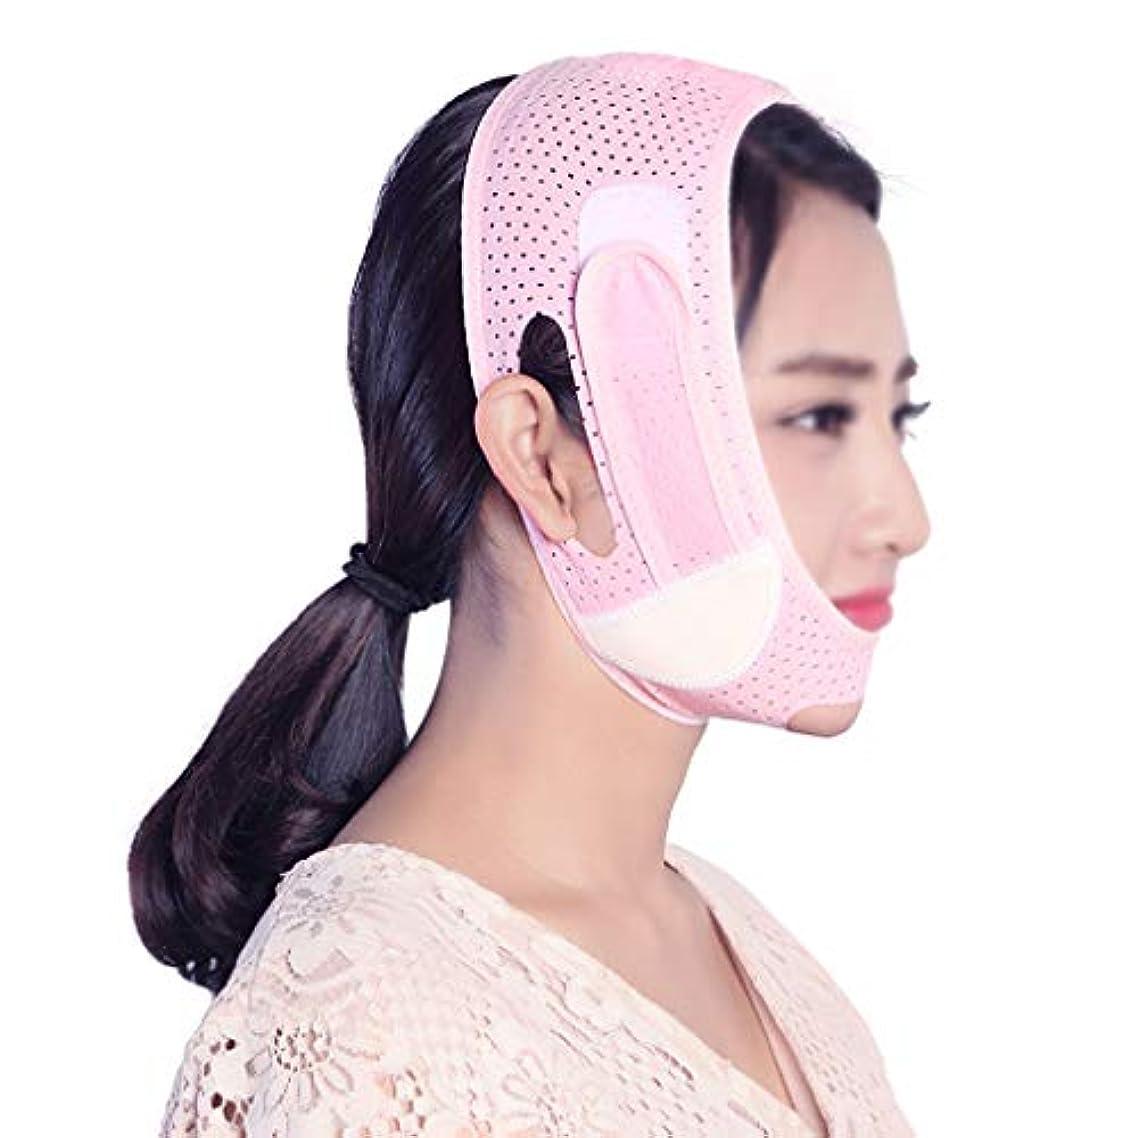 主導権本体つぶすTLMY スリムな包帯フェイシャルトリートメント強化フェイシャルチークV型アンチリンクルダブルチンビューティツール 顔用整形マスク